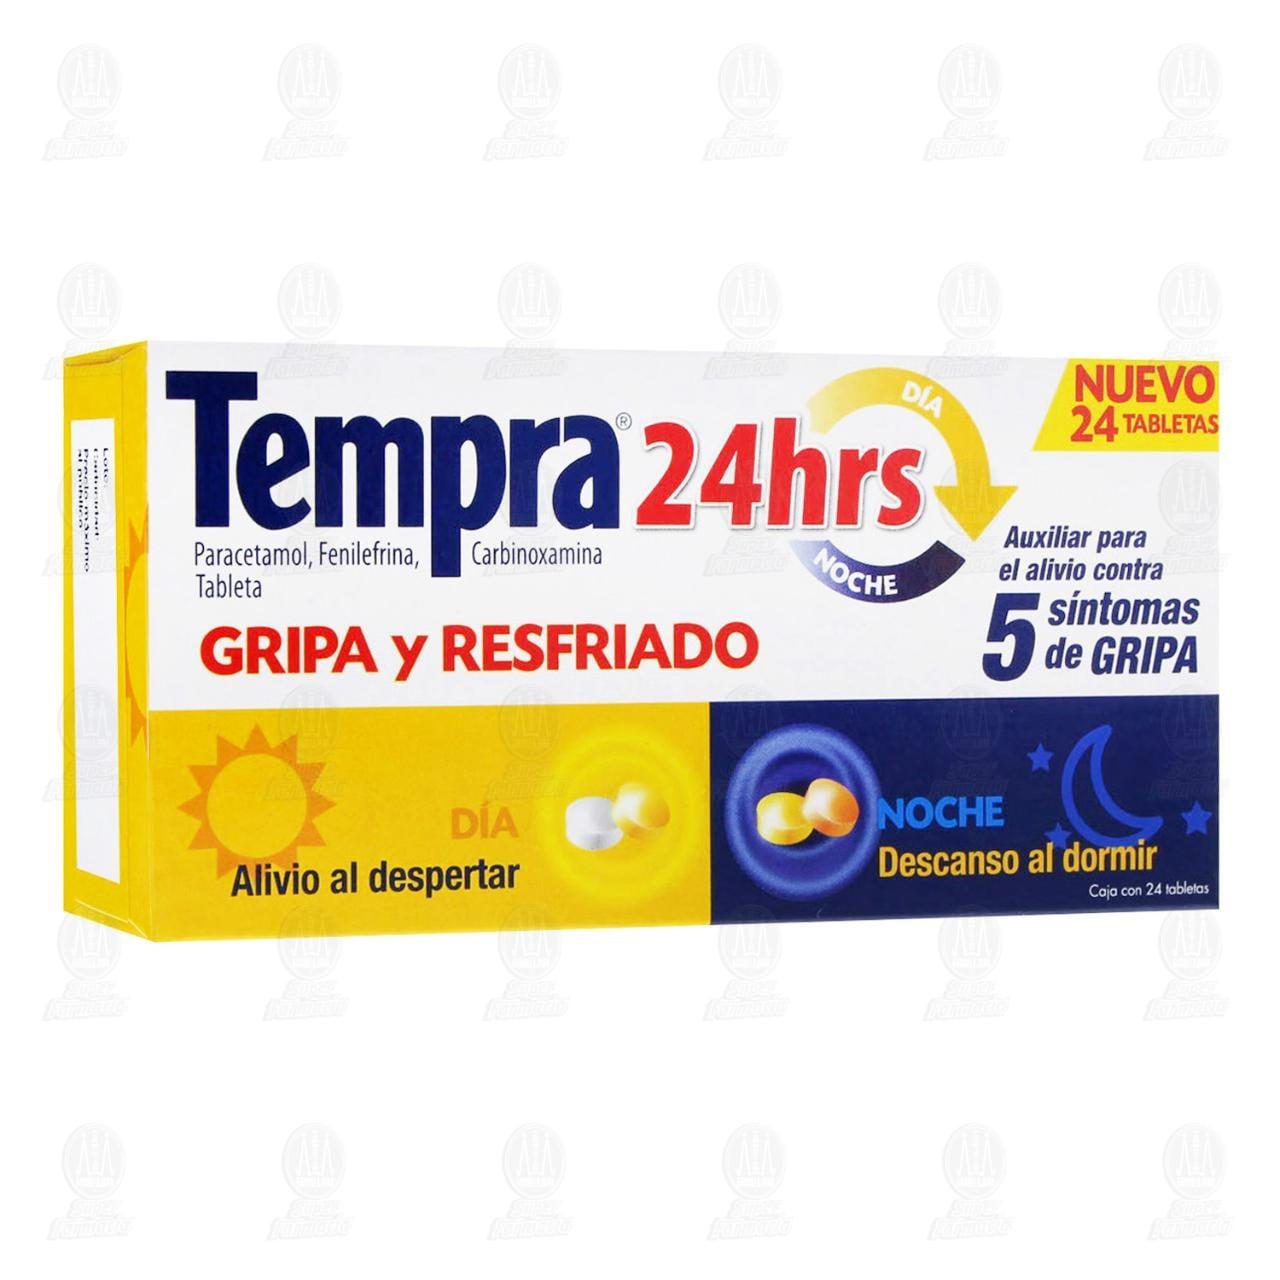 Comprar Tempra 24hrs Gripa y Resfriado 24 Tabletas en Farmacias Guadalajara